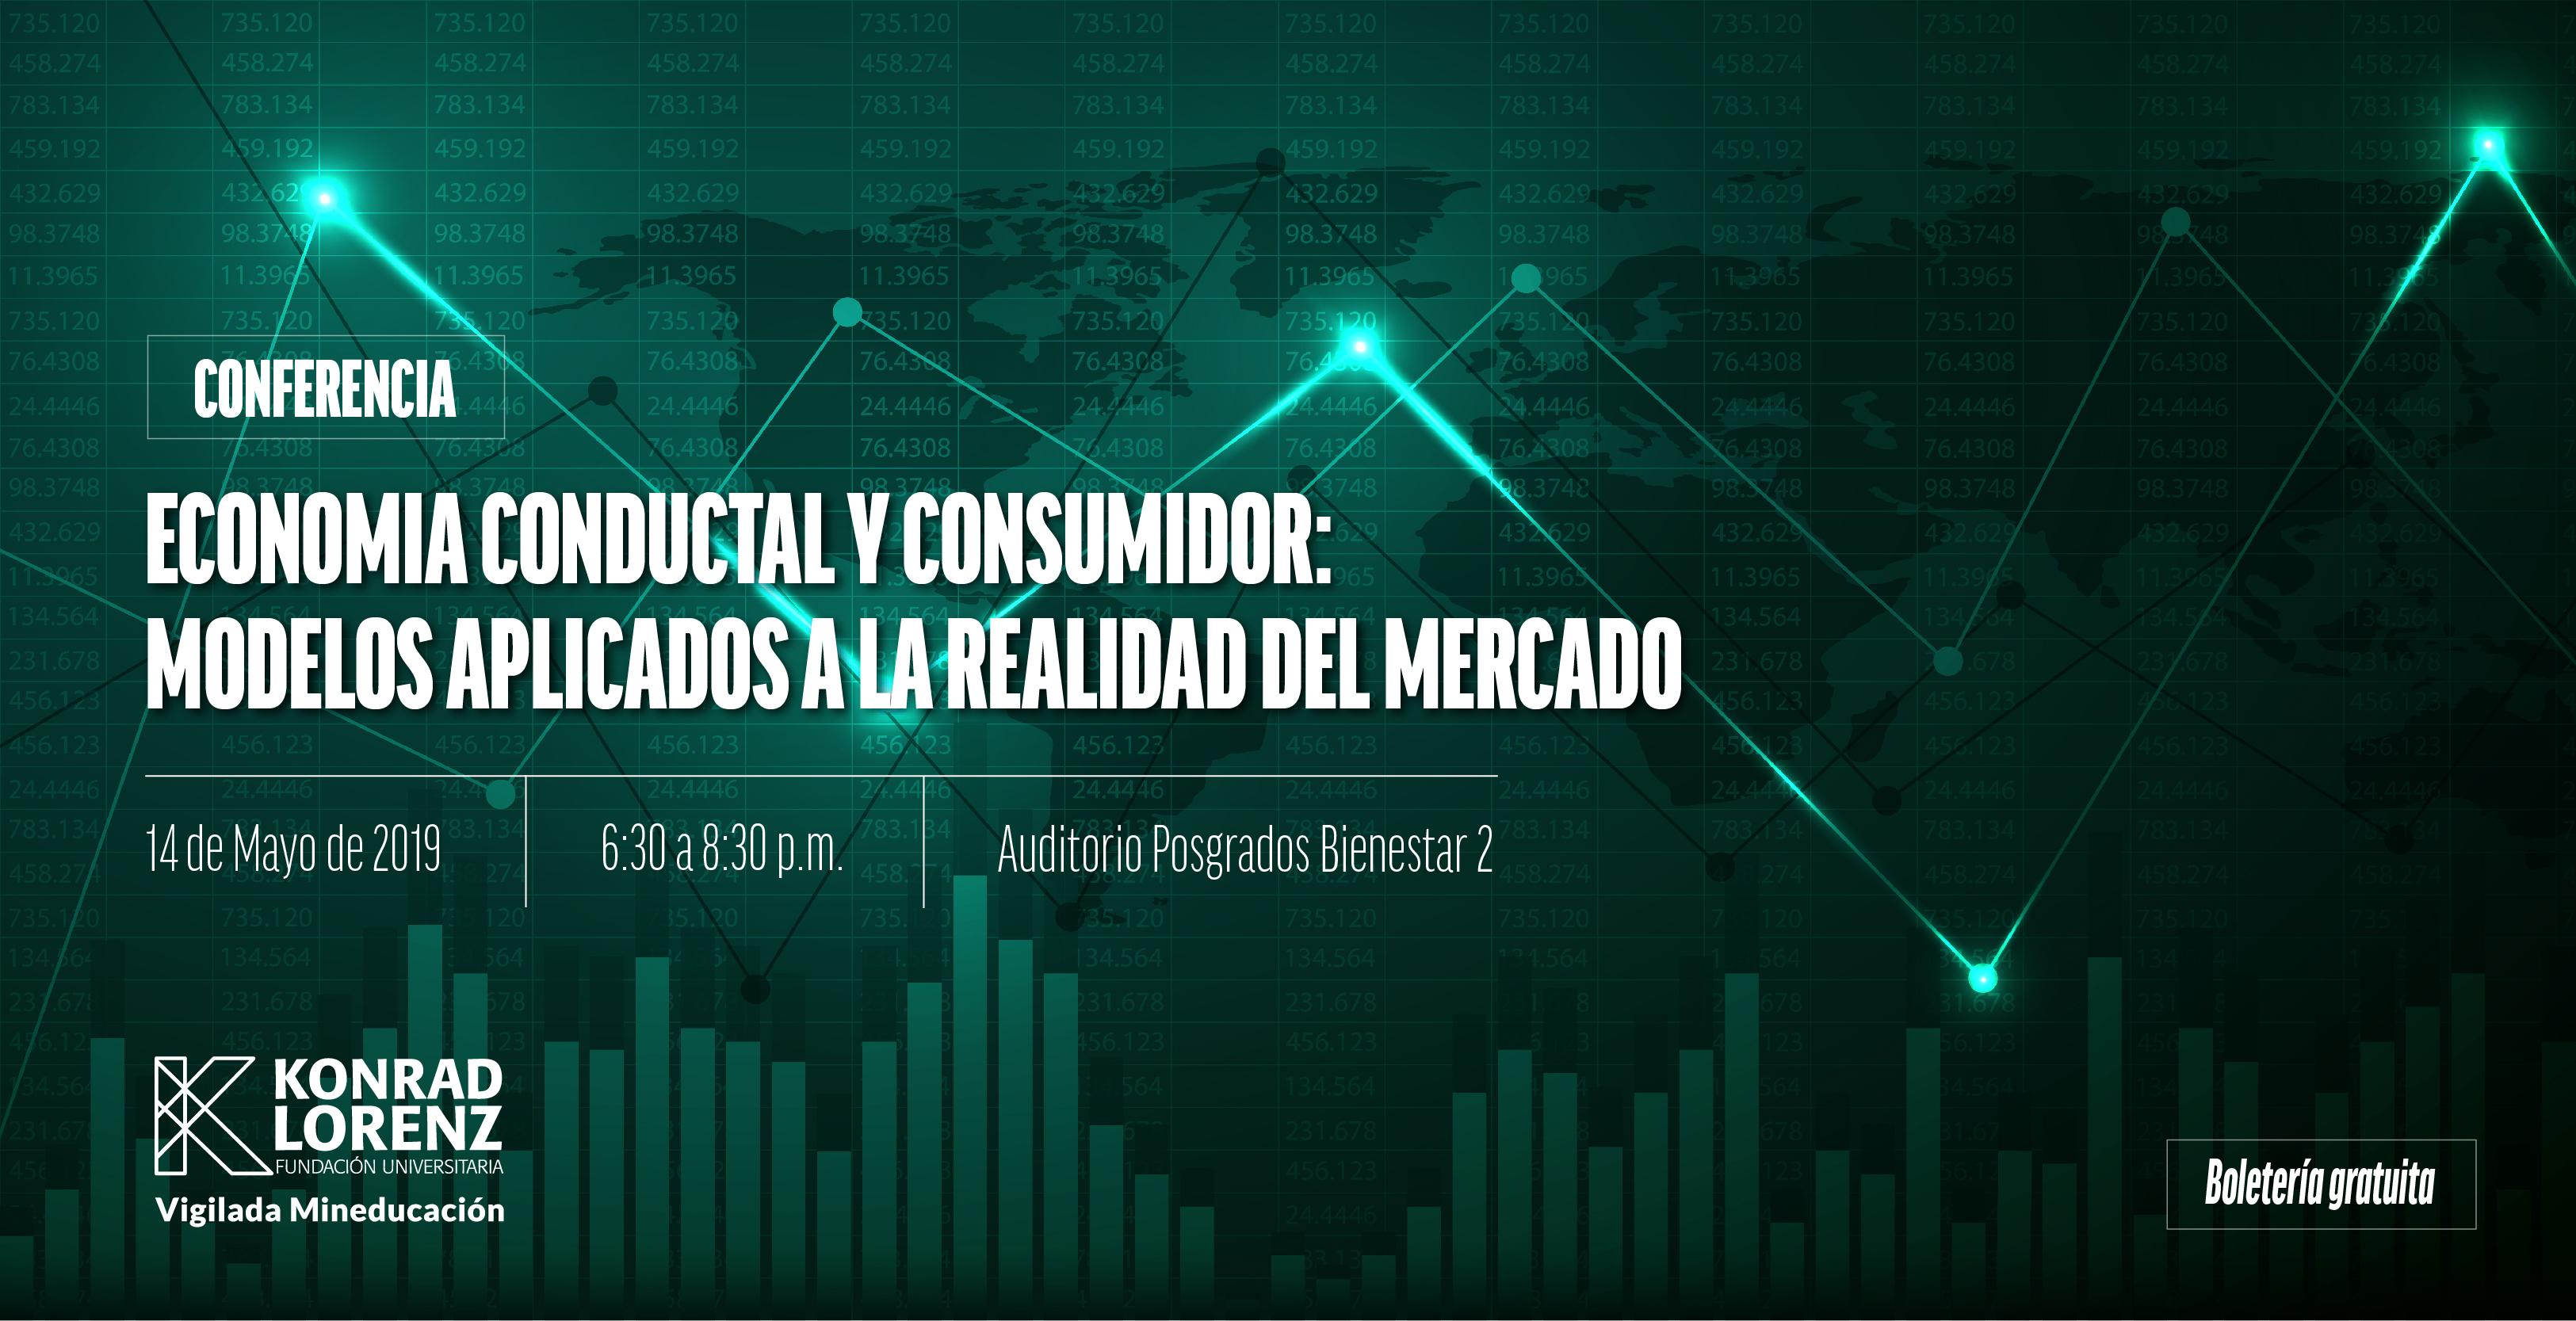 Conferencia: Economía Conductual y Consumidor: Modelos aplicados a la realidad del mercado